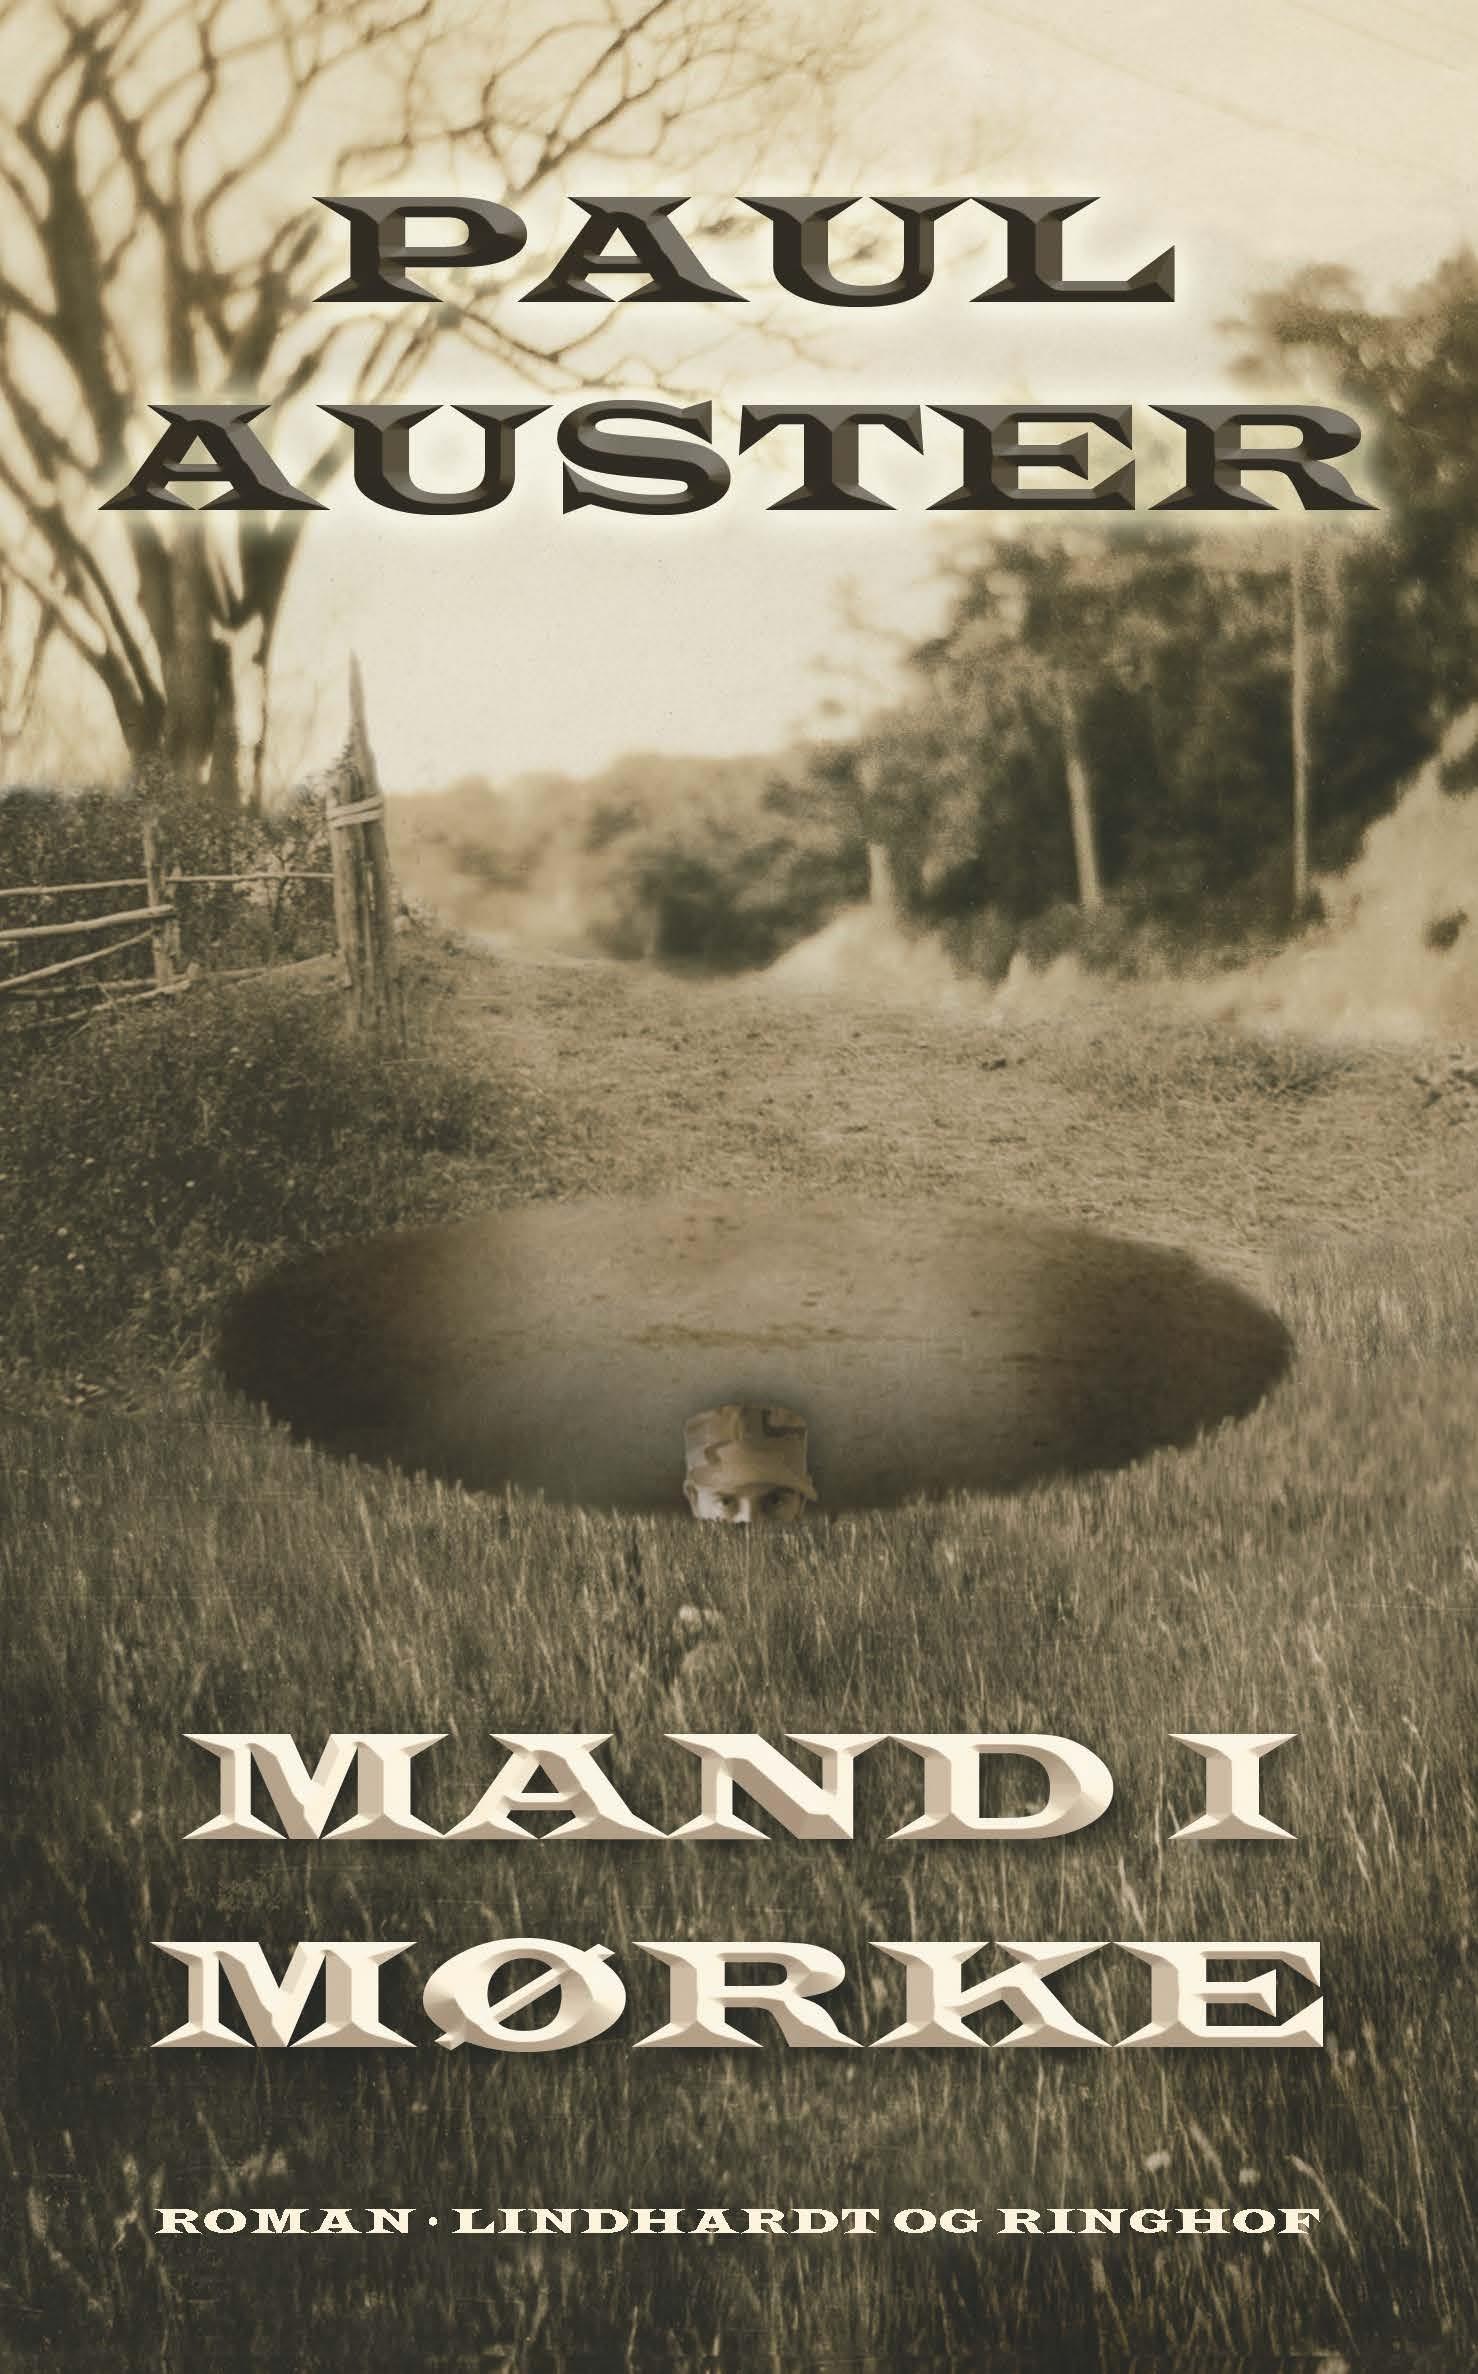 Mand i mørke - Paul Auster - Bøger - Lindhardt og Ringhof - 9788711442418 - 20/8-2019